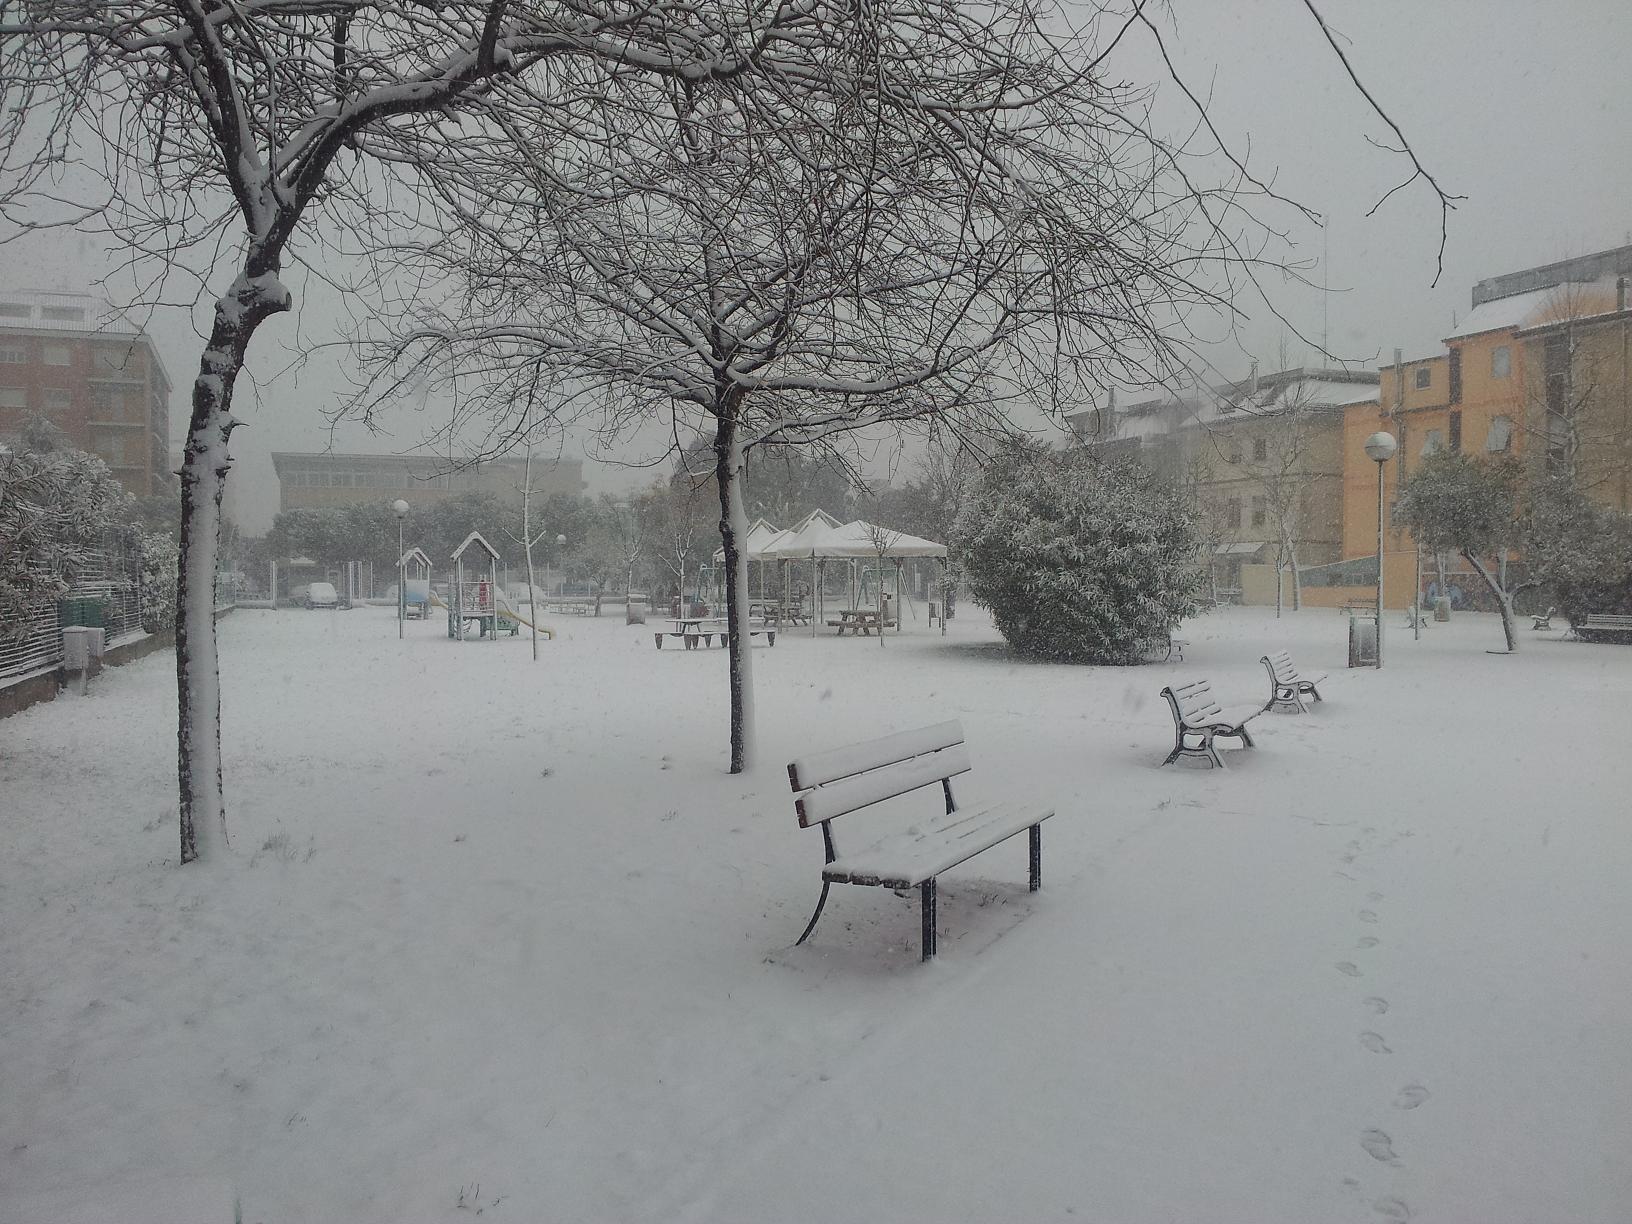 Neve a San Benedetto, 6 febbraio 2012 foto di Alfredina Rossi 3